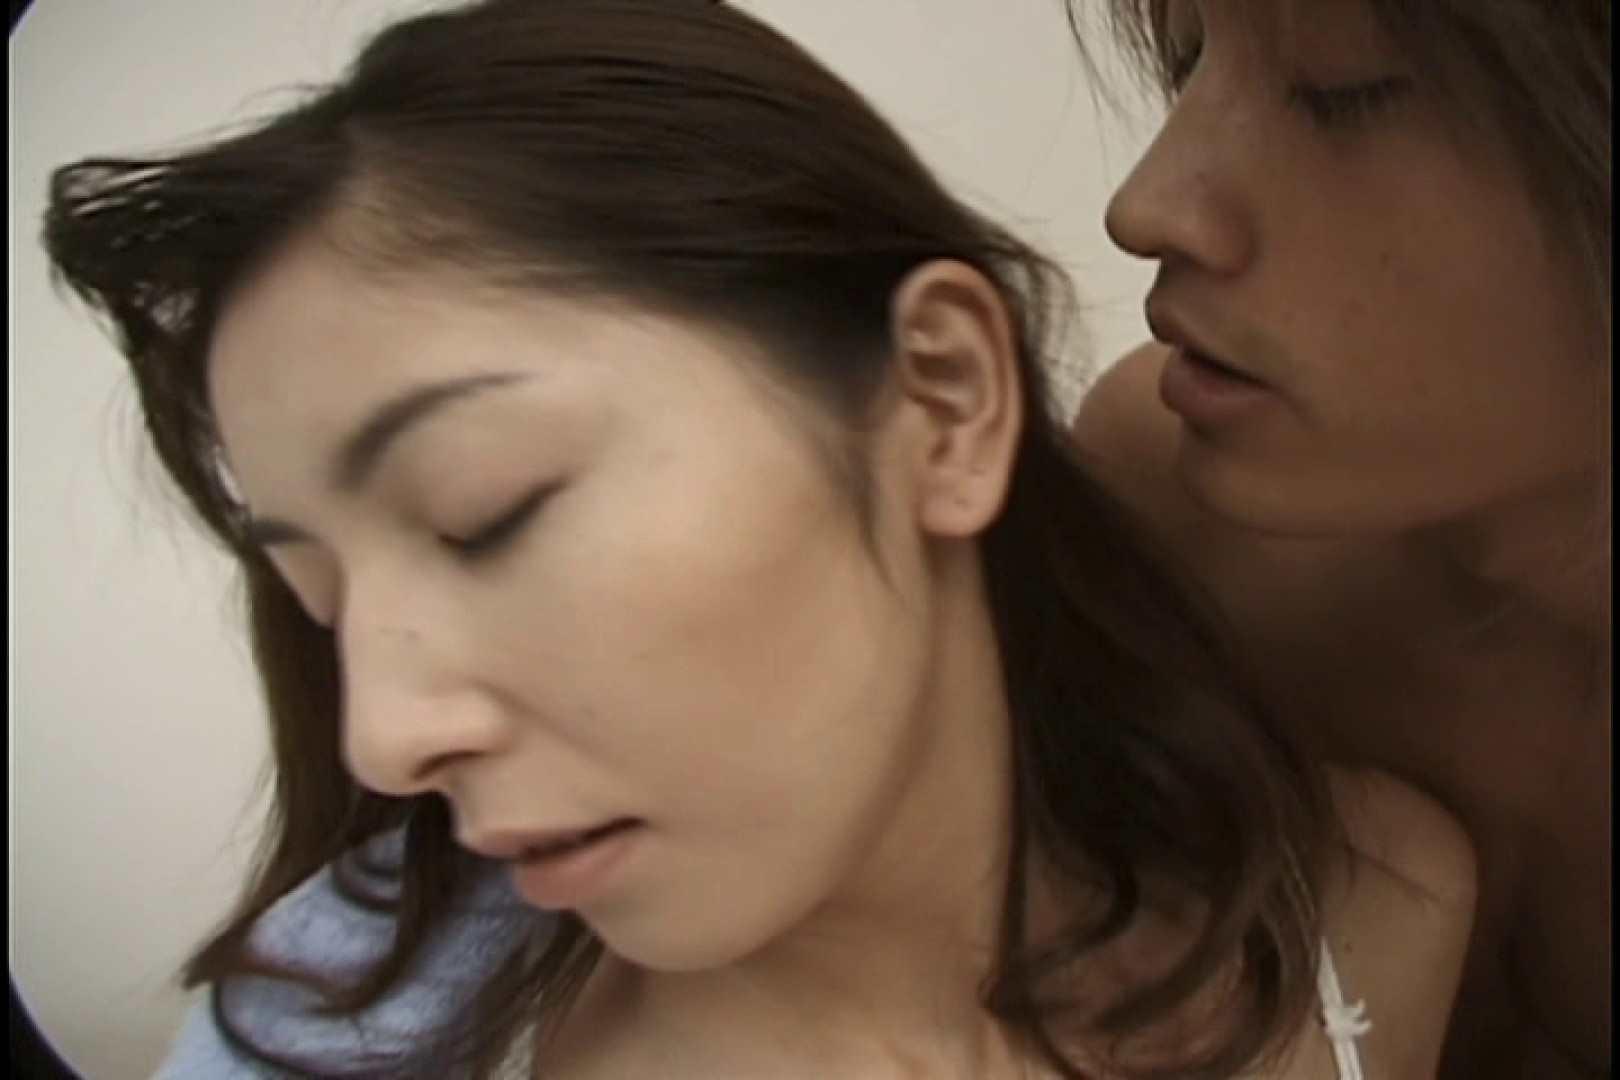 昼間の奥様は欲求不満 ~安田弘美~ SEXプレイ  73連発 42